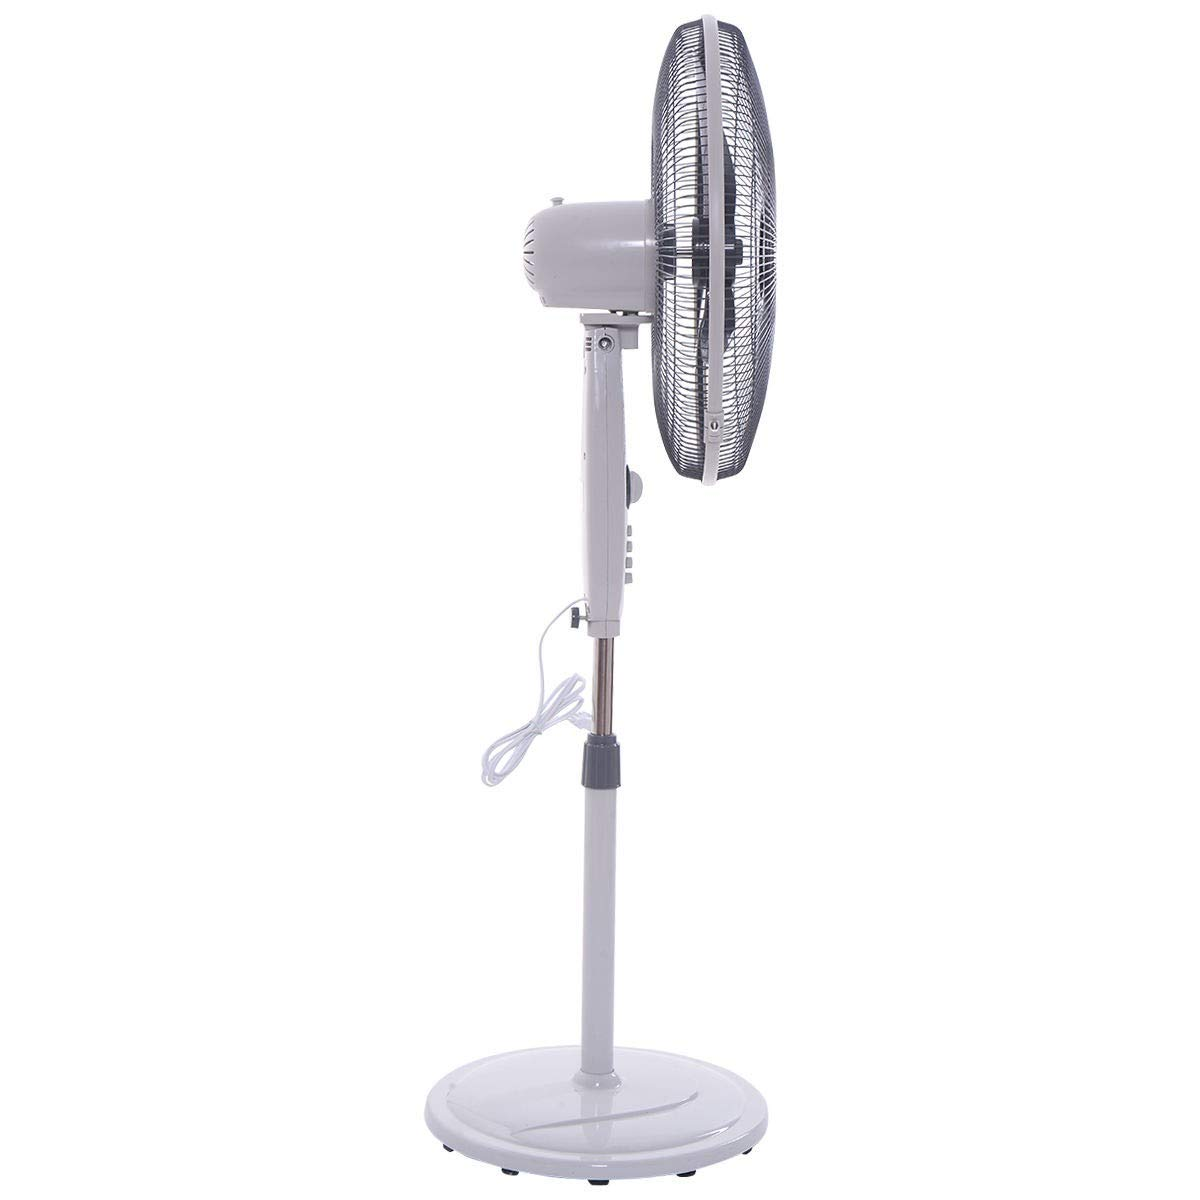 20 Oscillating Standing Floor Fan Apontus